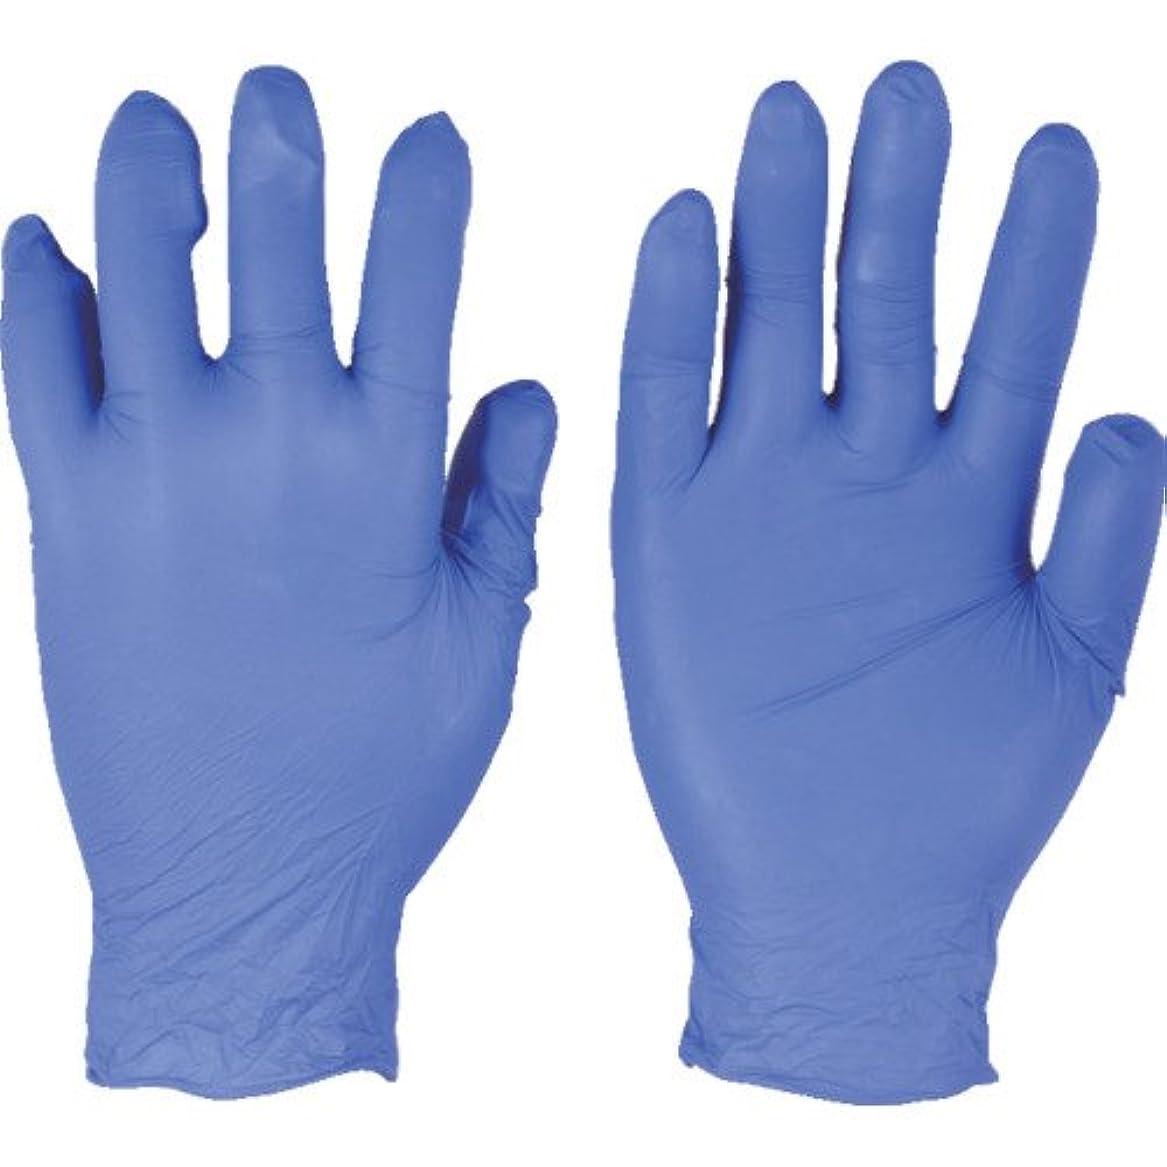 主観的アクセス目的トラスコ中山 アンセル ニトリルゴム使い捨て手袋 エッジ 82-133 Mサイズ(300枚入り)  (300枚入) 821338